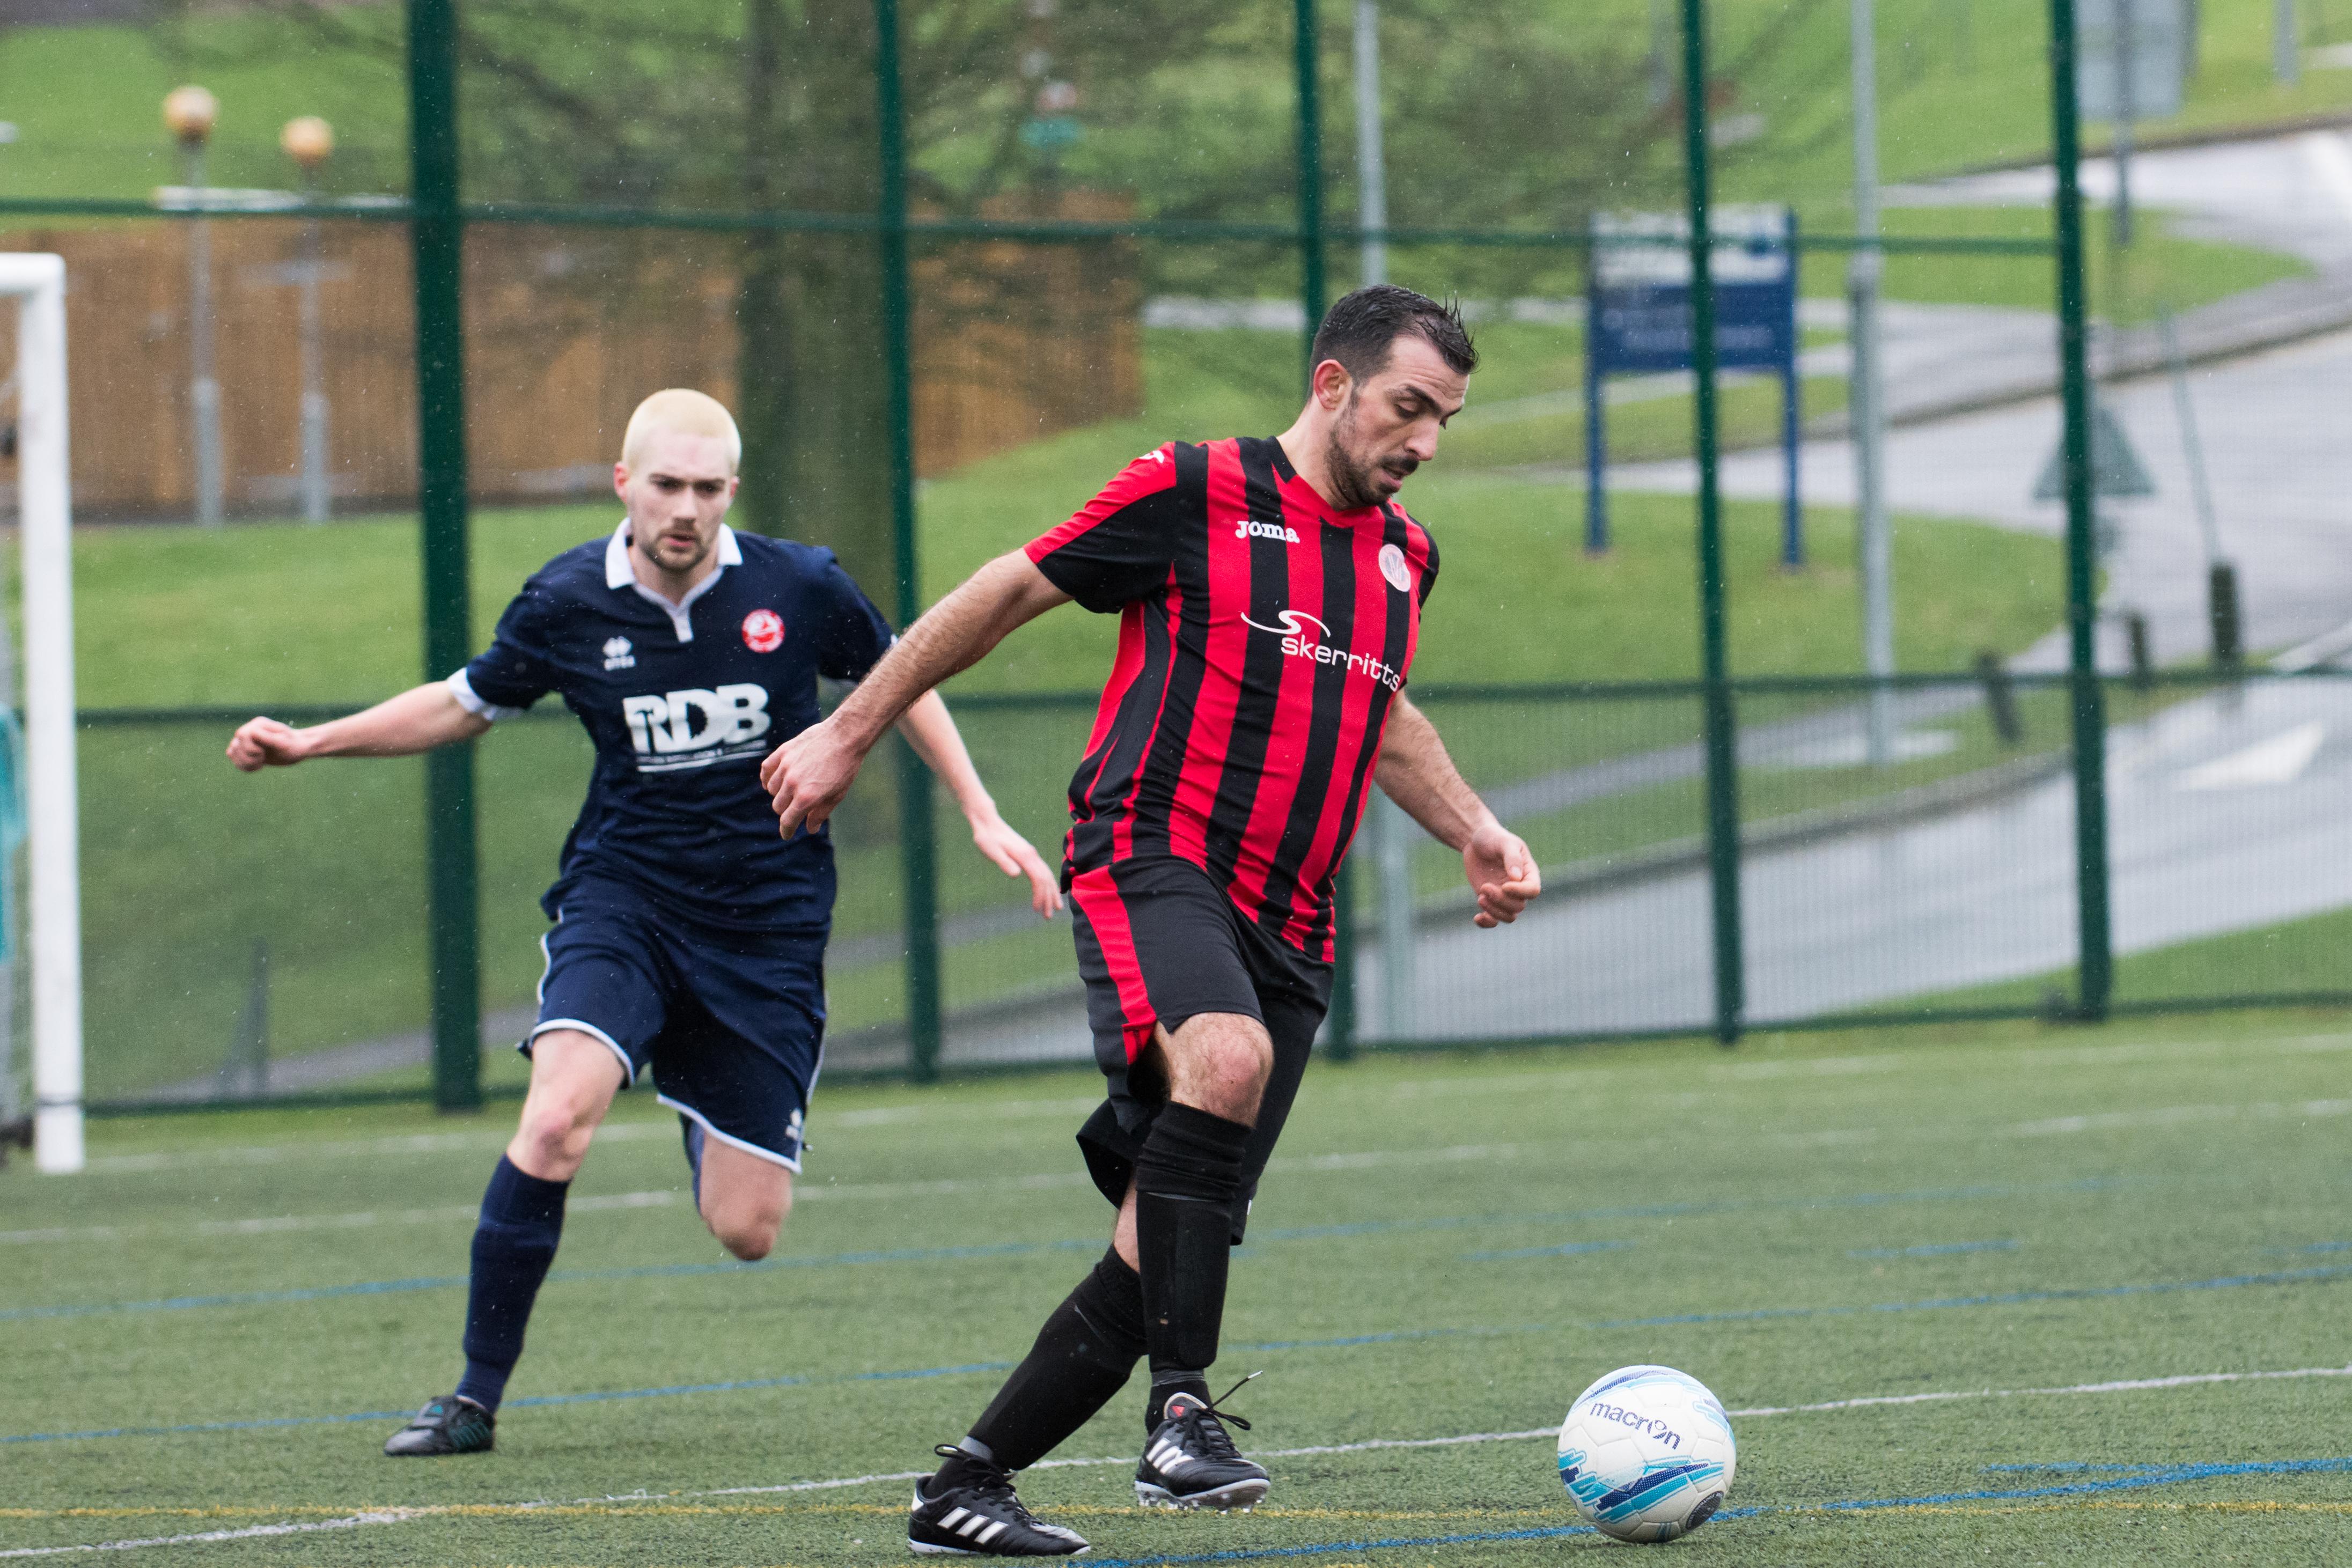 AFC Varndeanians Res vs Arundel FC Res 10.02.18 11